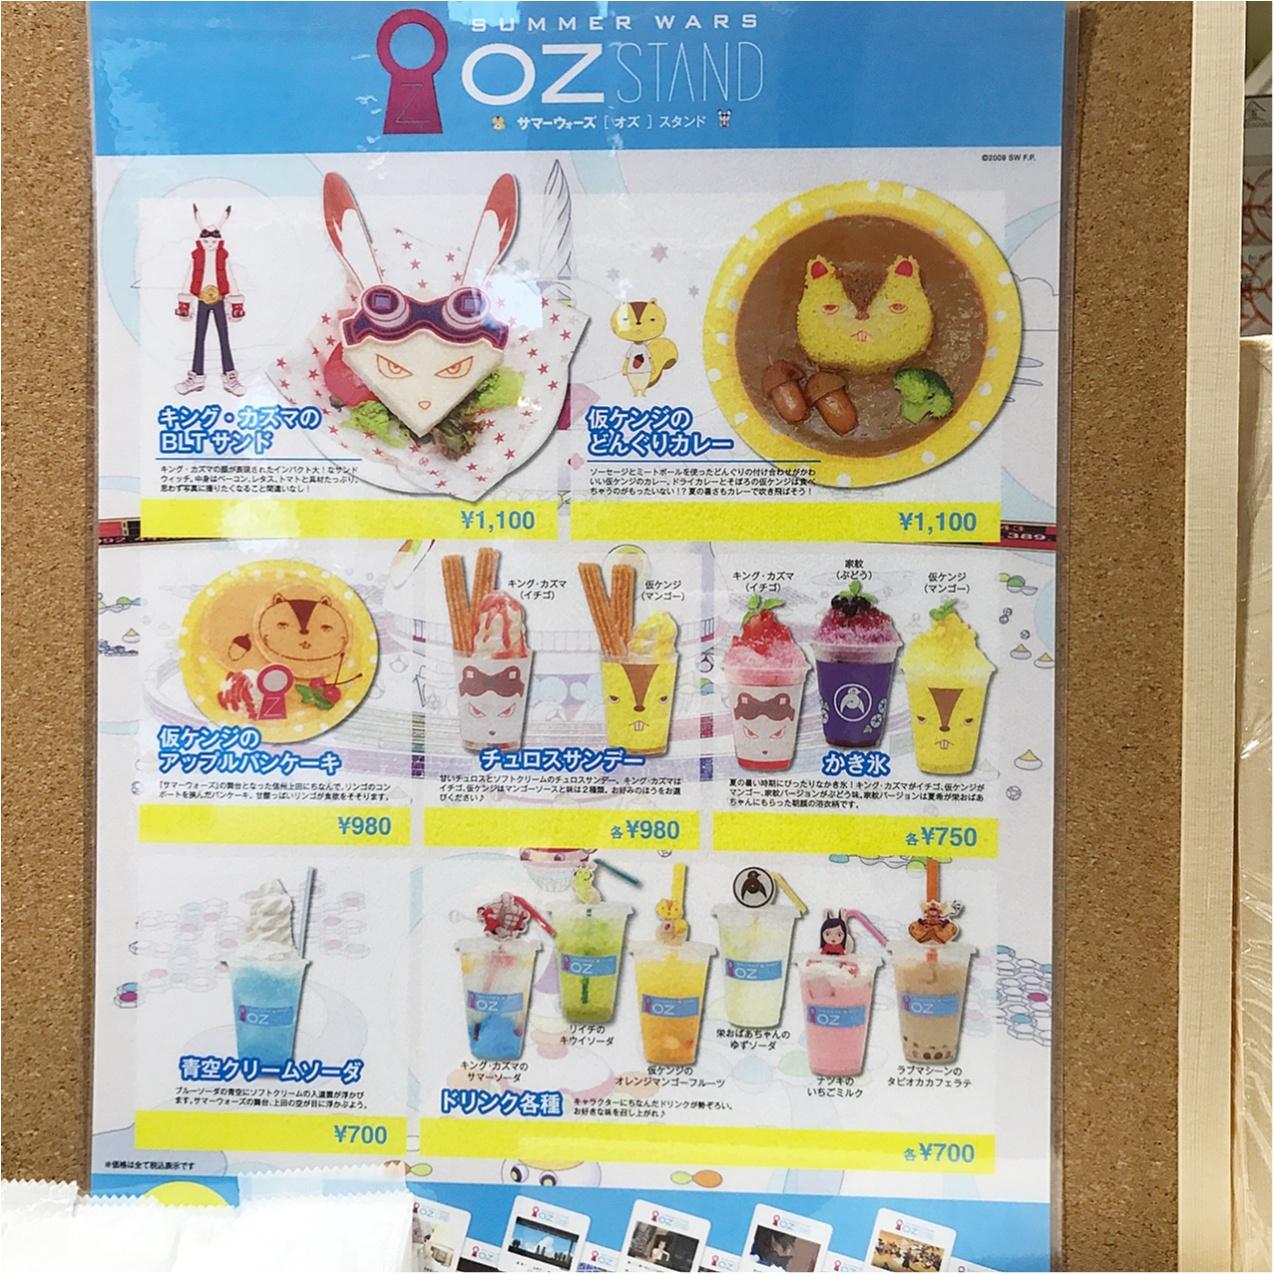 映画『サマーウォーズ』コラボカフェ【OZ STAND-オズ スタンド-】が東京スカイツリータウンに登場♡_3